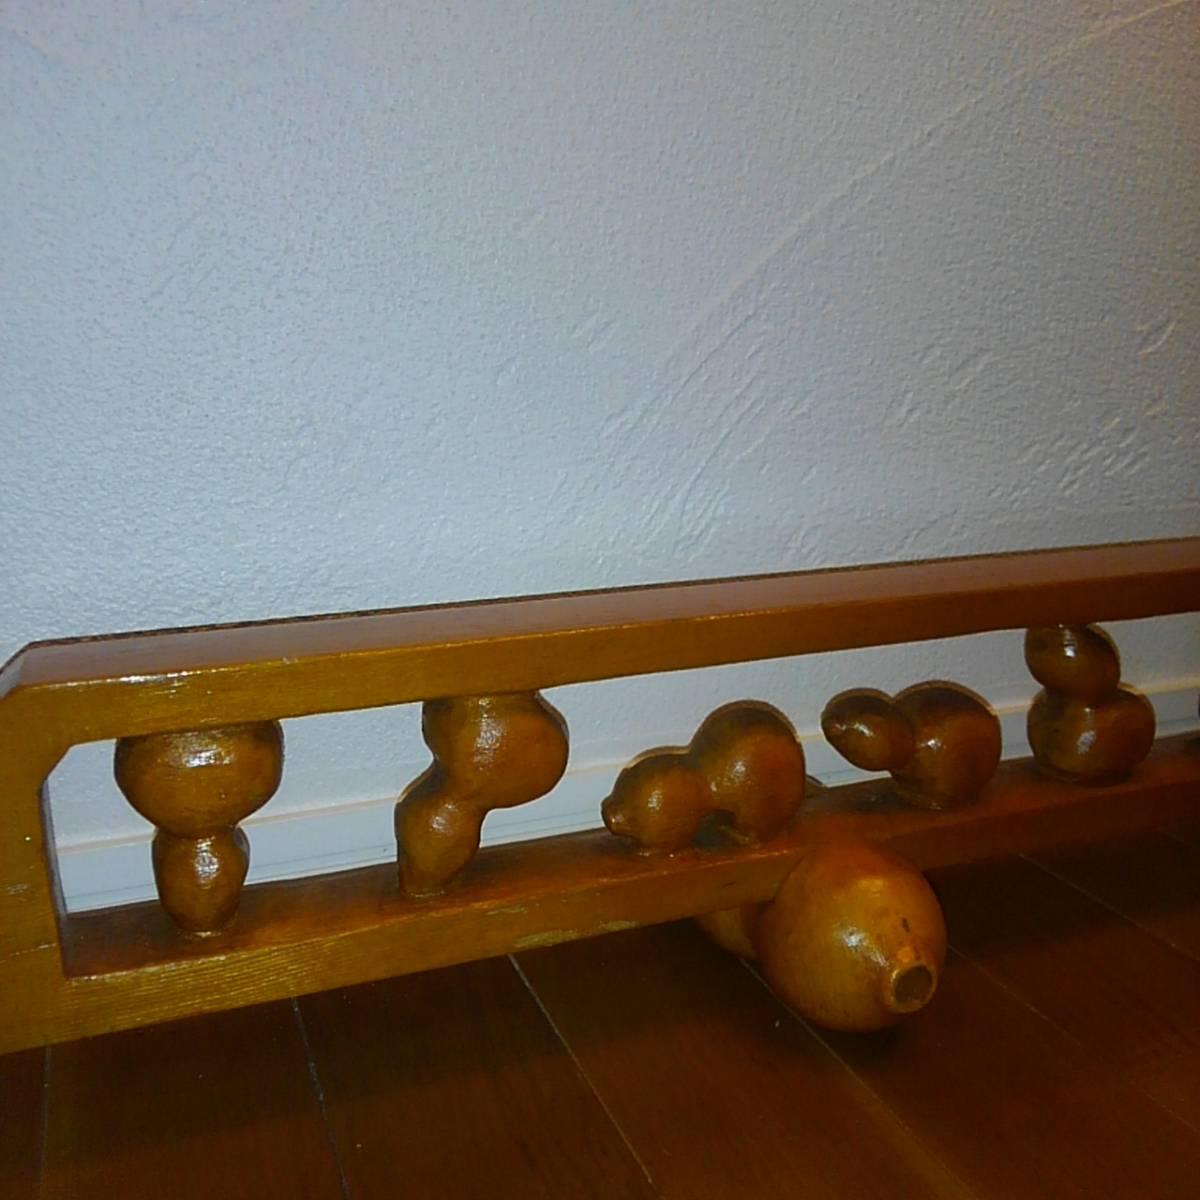 ◆幸◆ 木彫り 結界 瓢箪 約104.5cm×14cm(高さ)×12cm(奥行)_画像3